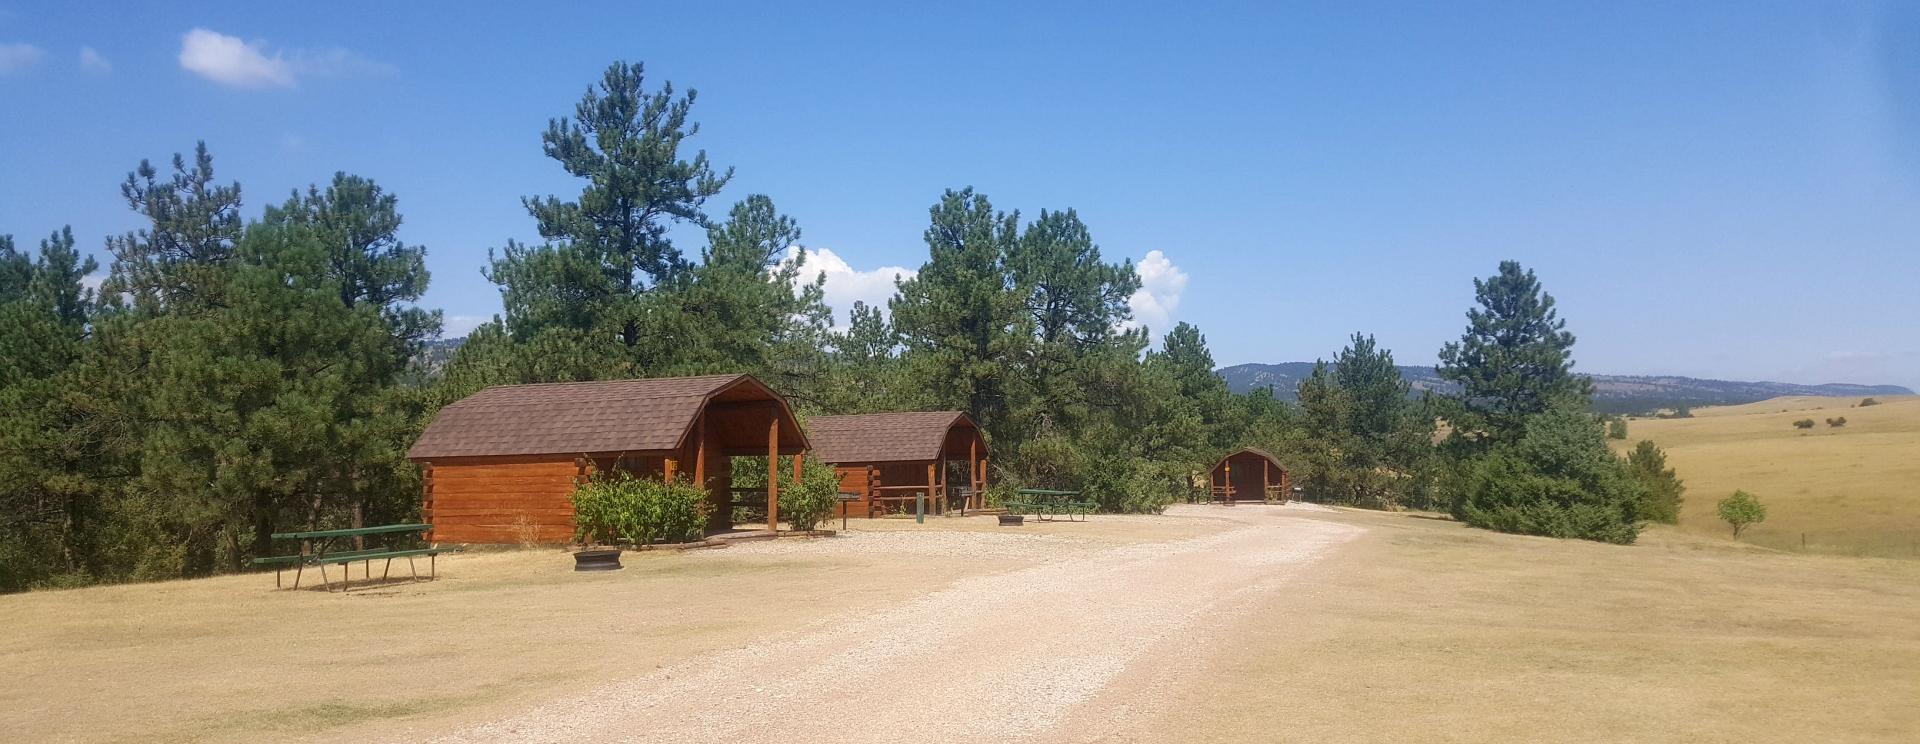 Hot Springs KOA - Black Hills